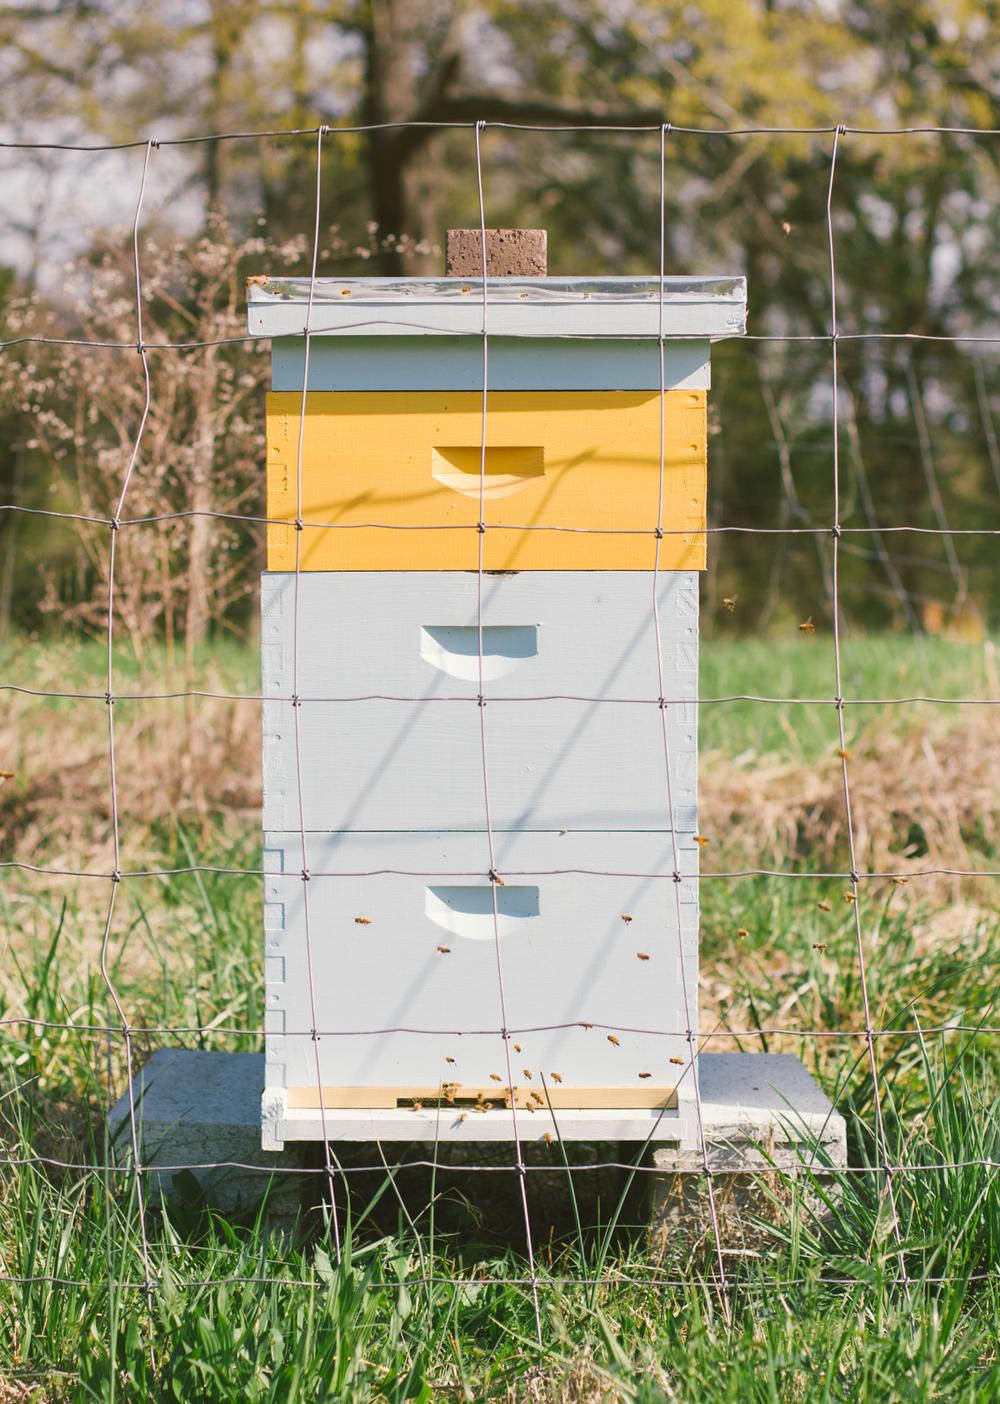 Lomax Incubator Farm-3.jpg